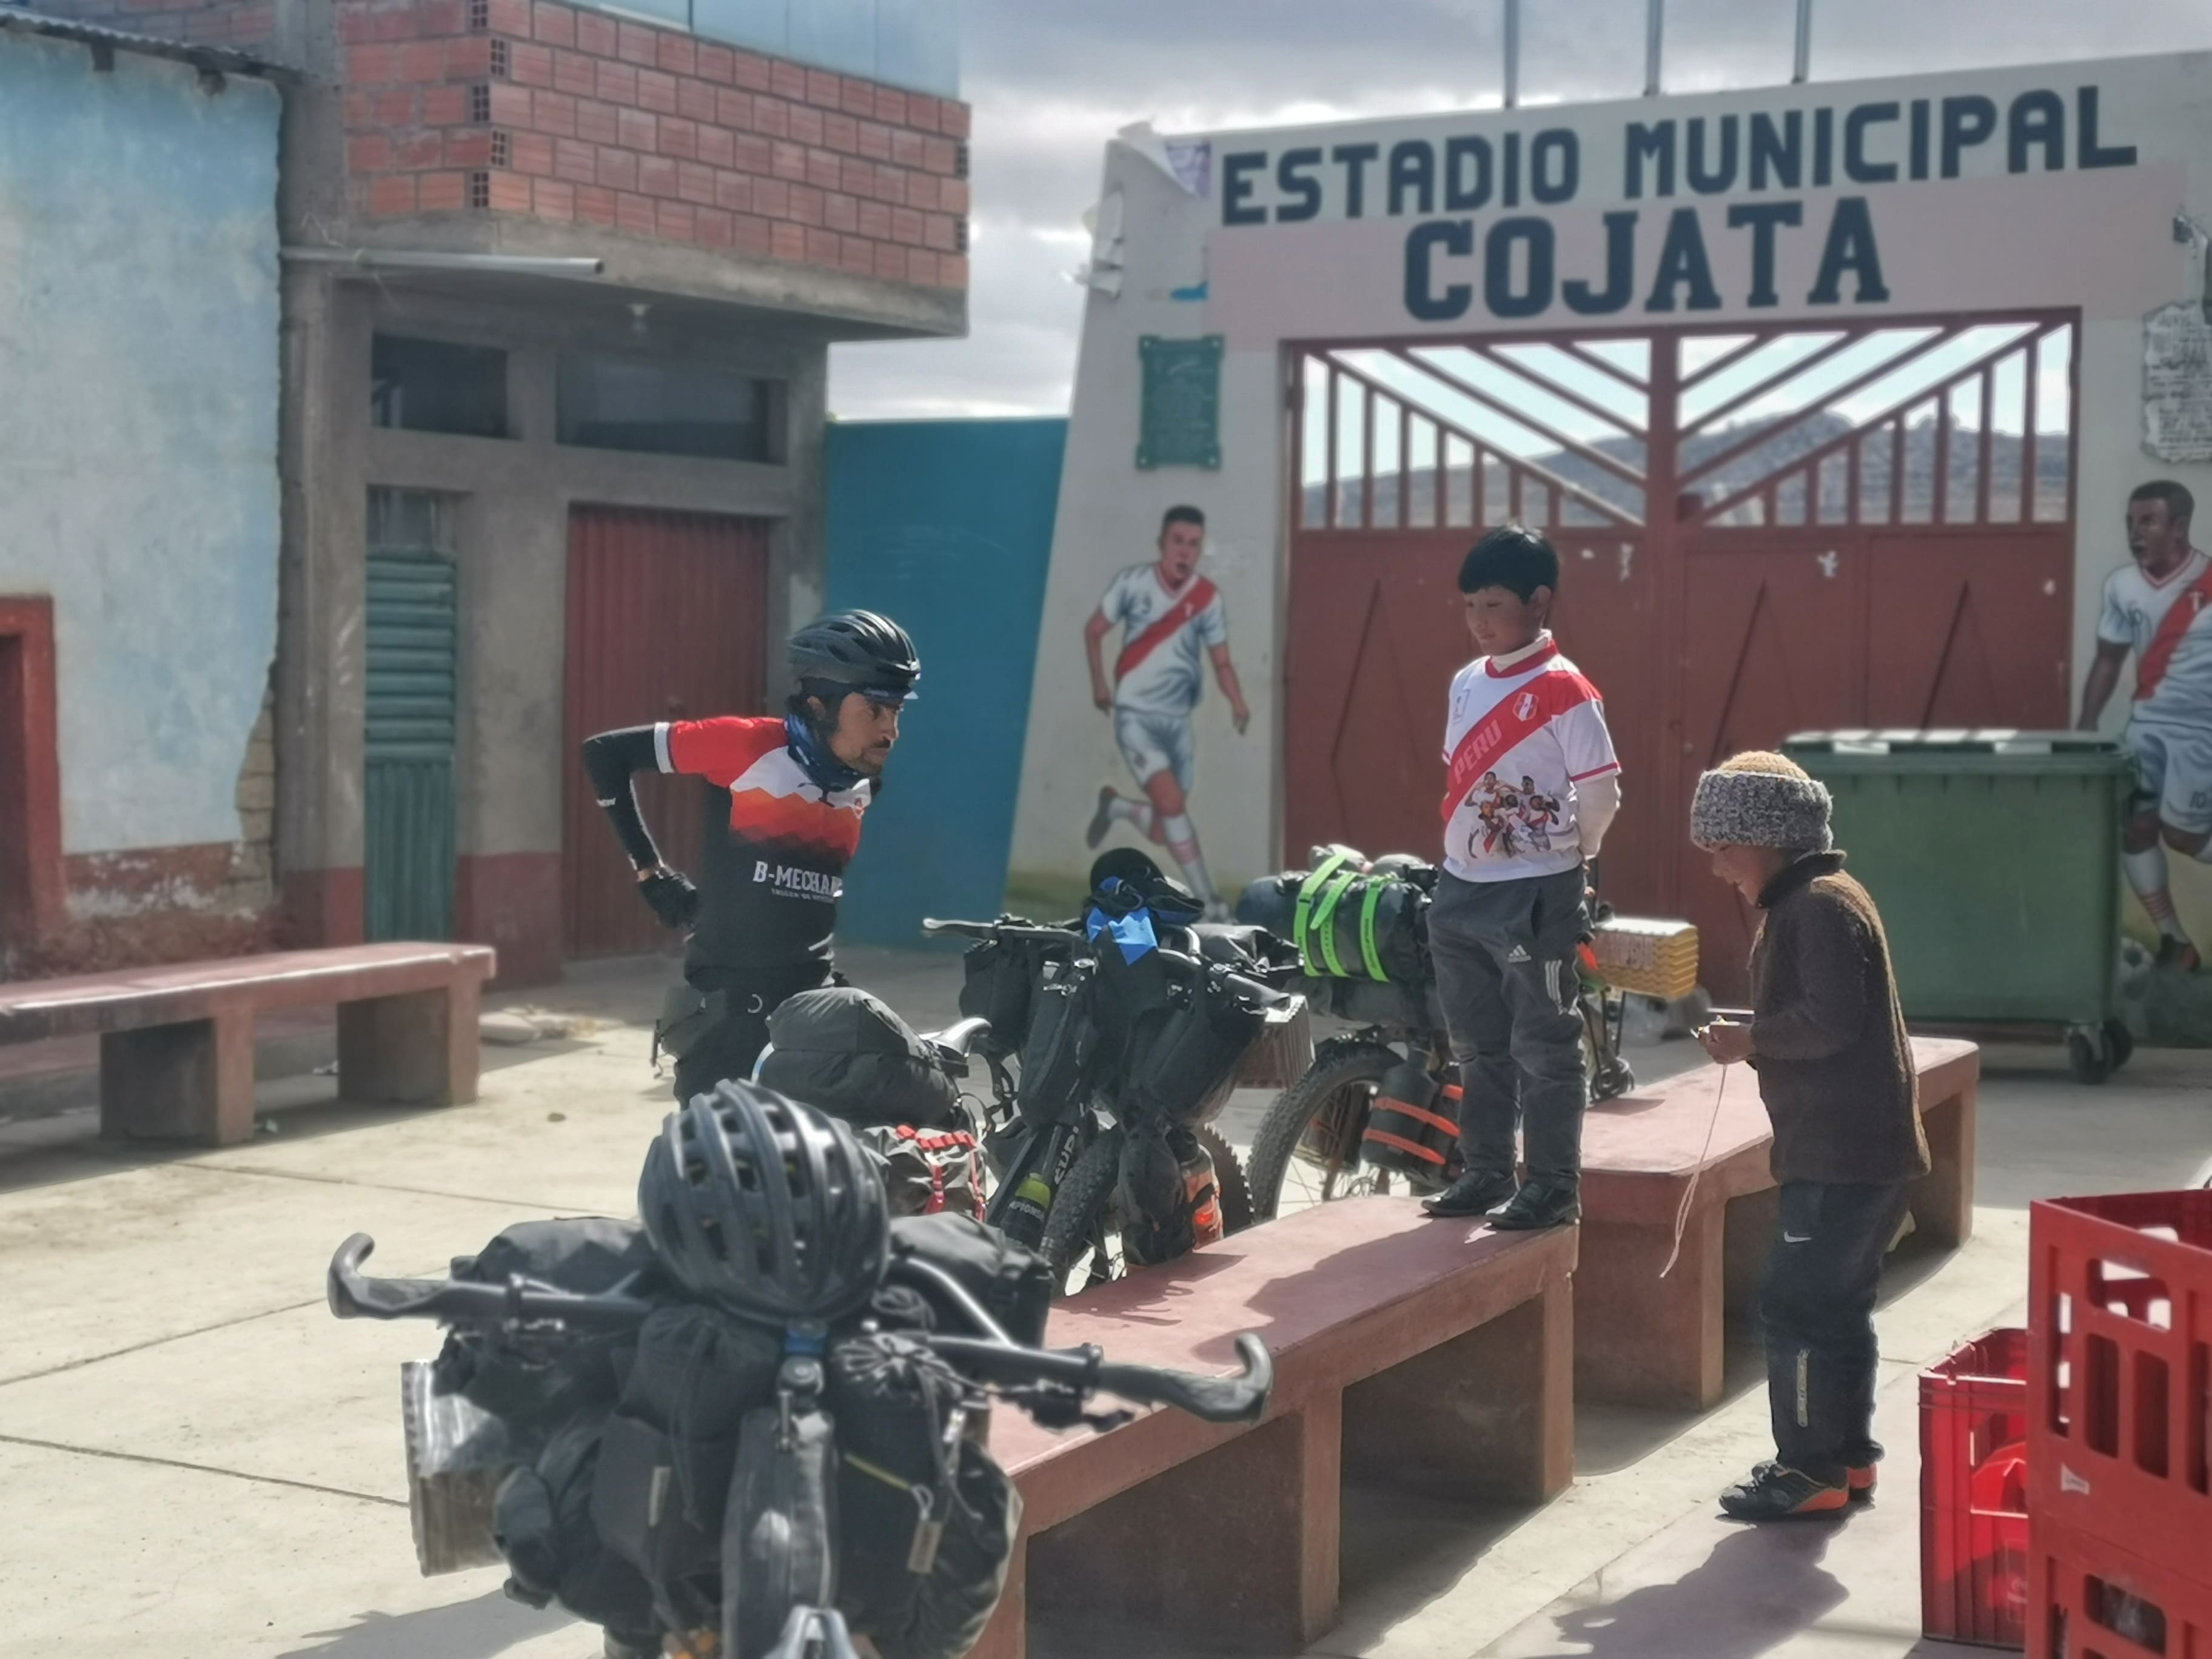 ruta de las tres cordilleras blog post image